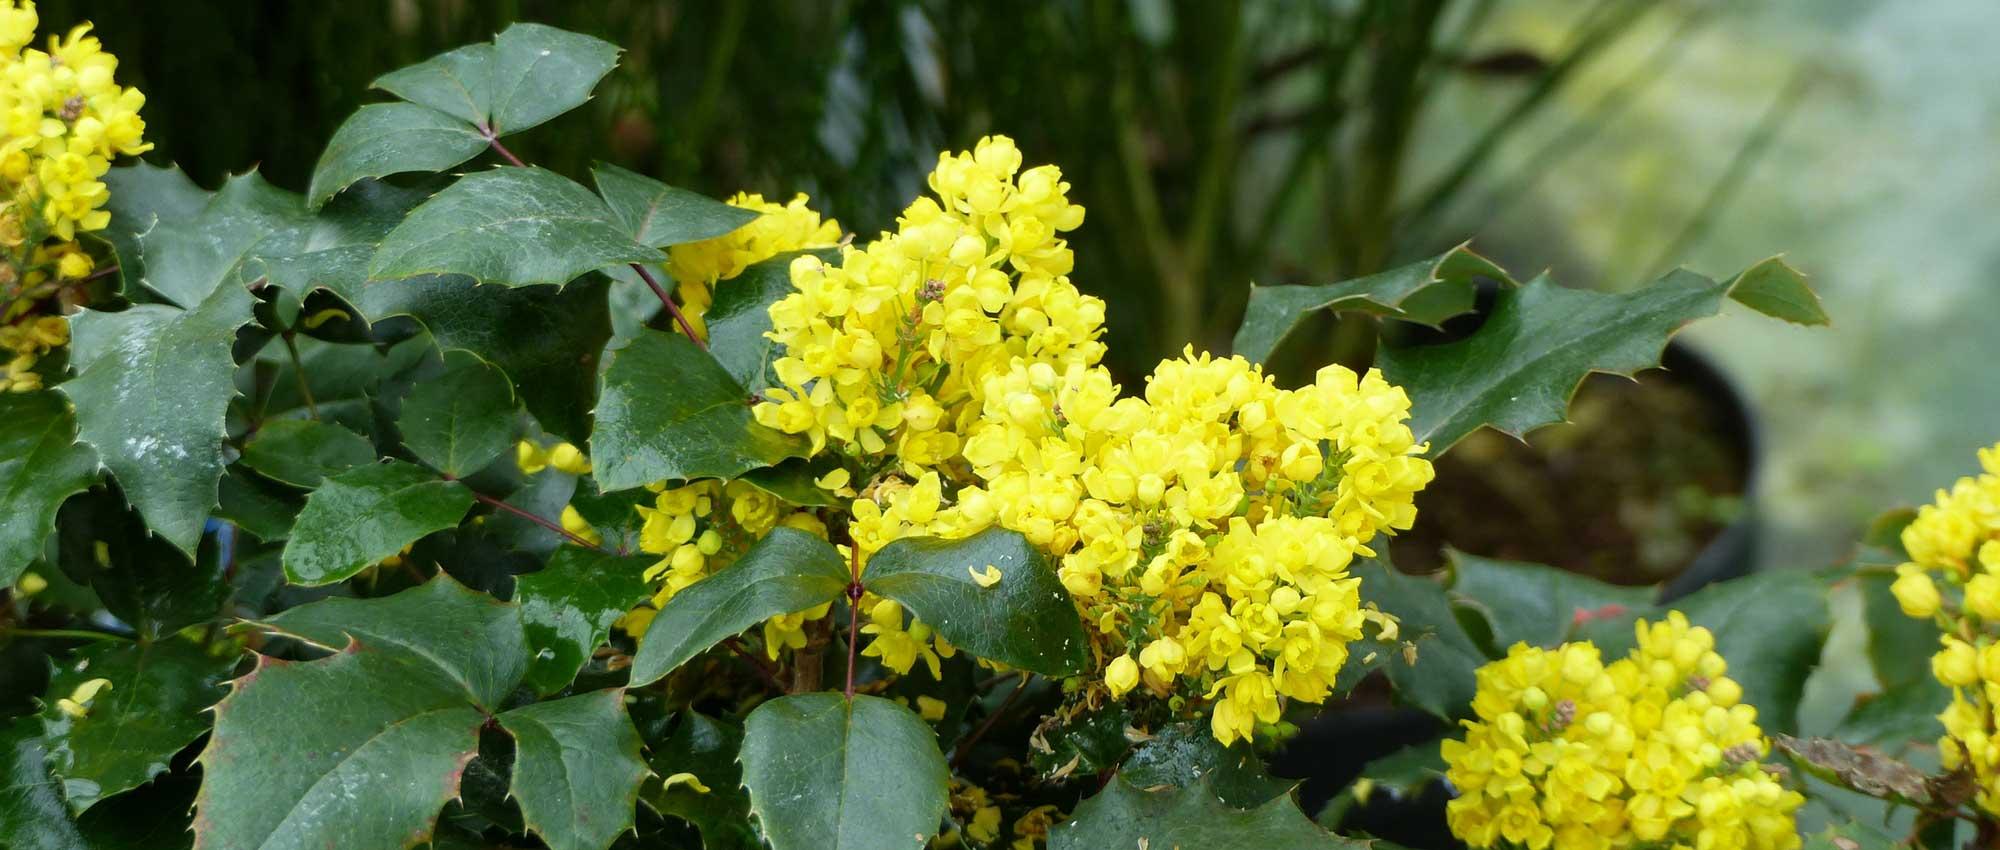 Quand Et Comment Tailler Un Houx mahonia : comment le planter, le tailler et l'entretenir ?